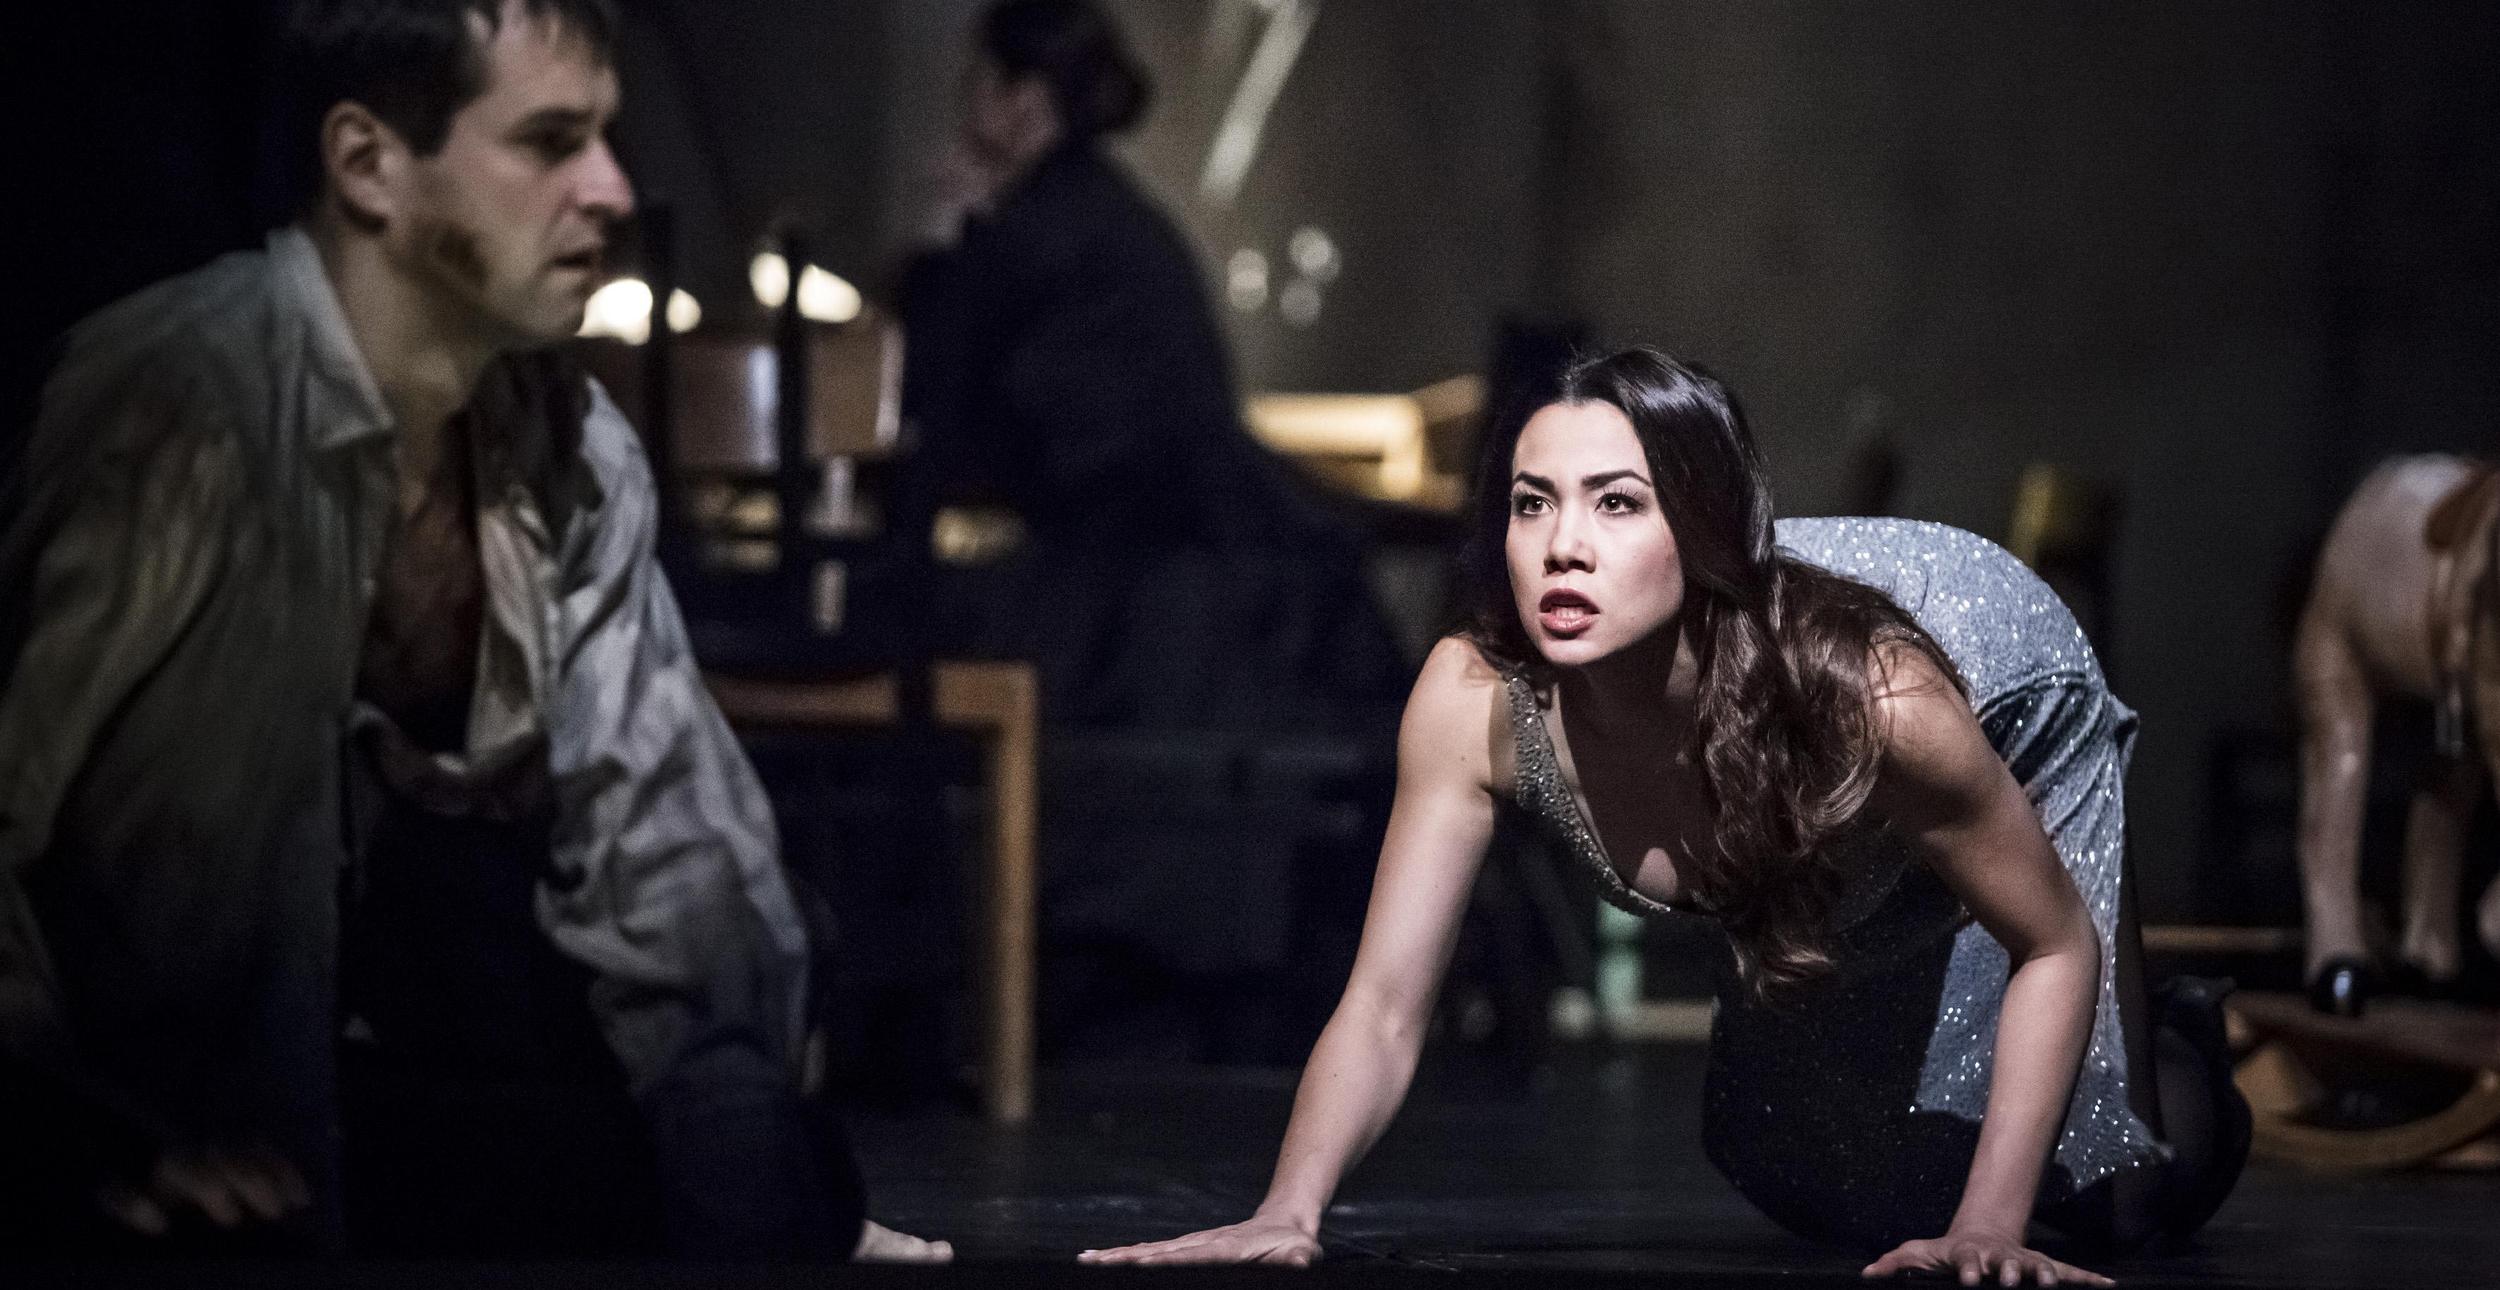 Ariadne, Dionysos// Theater und Orchester Heidelberg// Director: Ingo Kerkhof // Stage: Anne Neuser // Costumes: Inge Medert // Photo: Florian Merdes